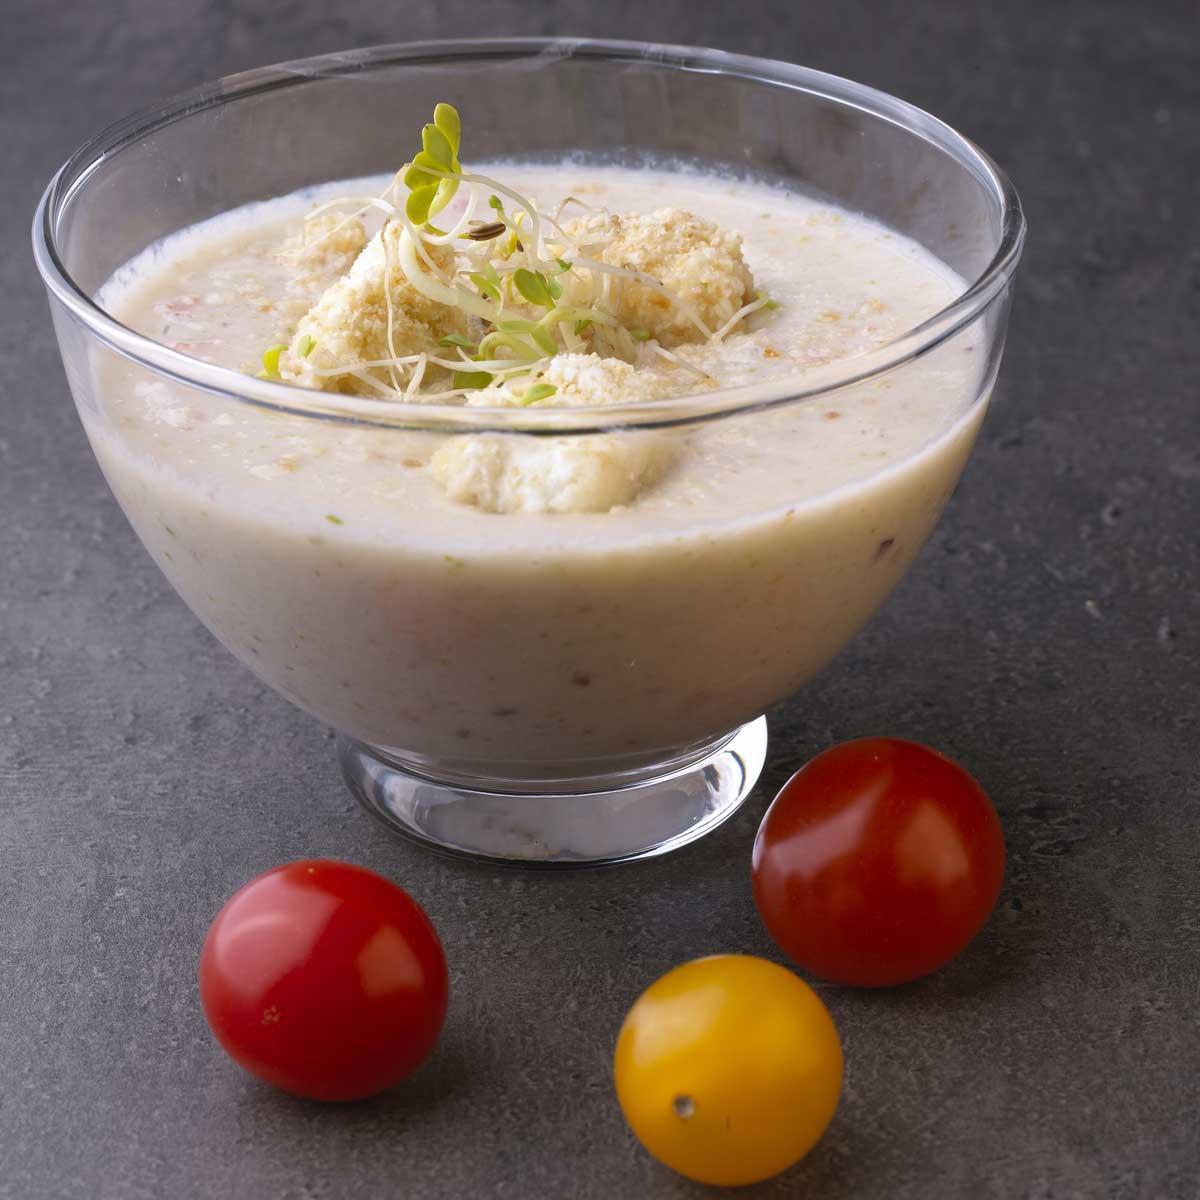 Recette gaspacho au fromage frais cuisine madame figaro - Recette de cuisine en espagnol ...